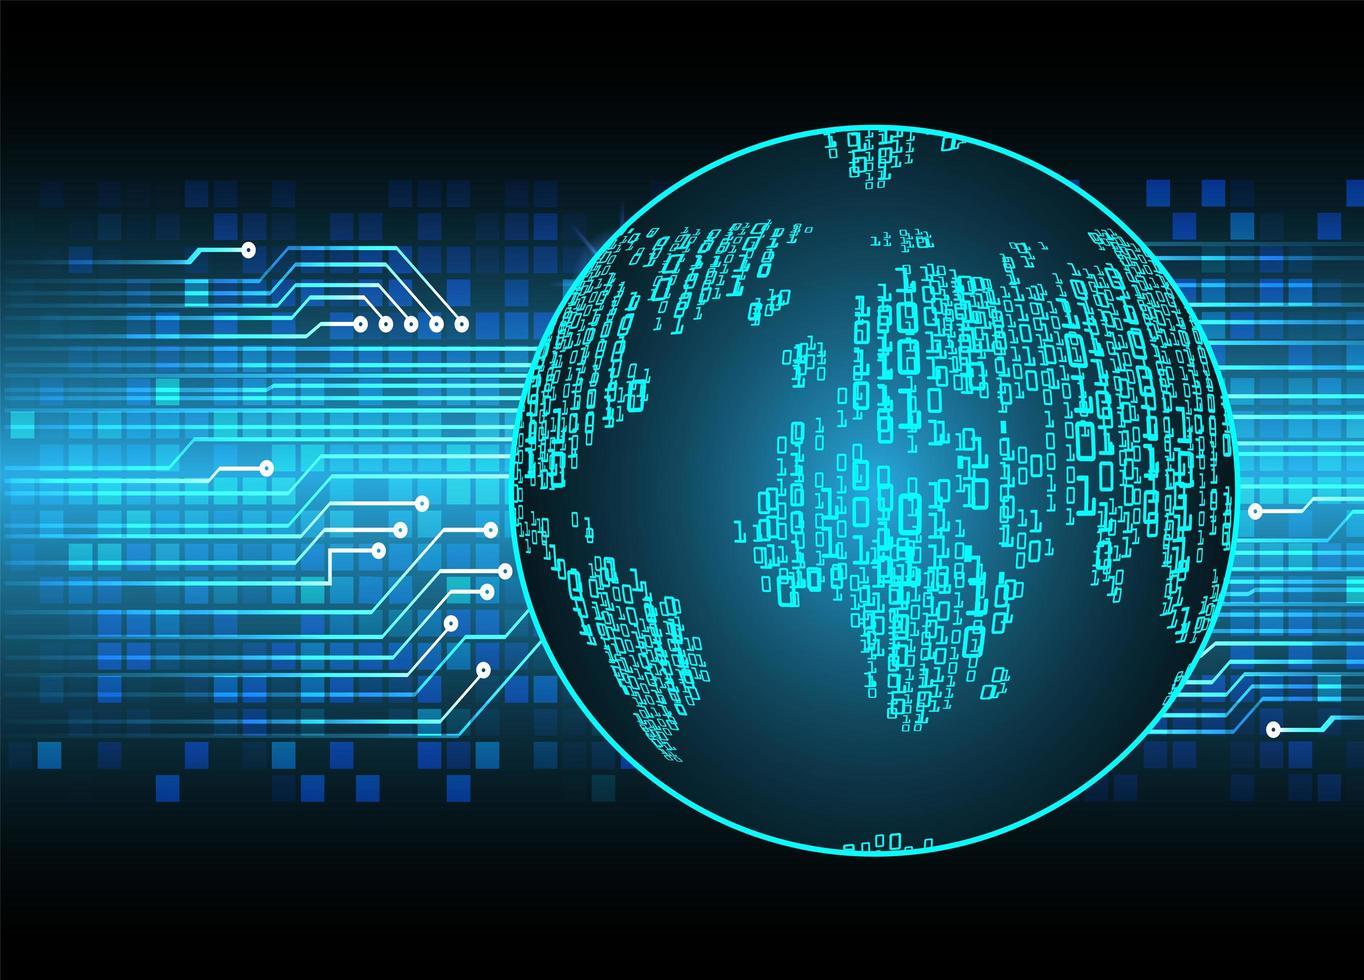 fond d'hologramme bleu futur et technologie avec carte du monde vecteur